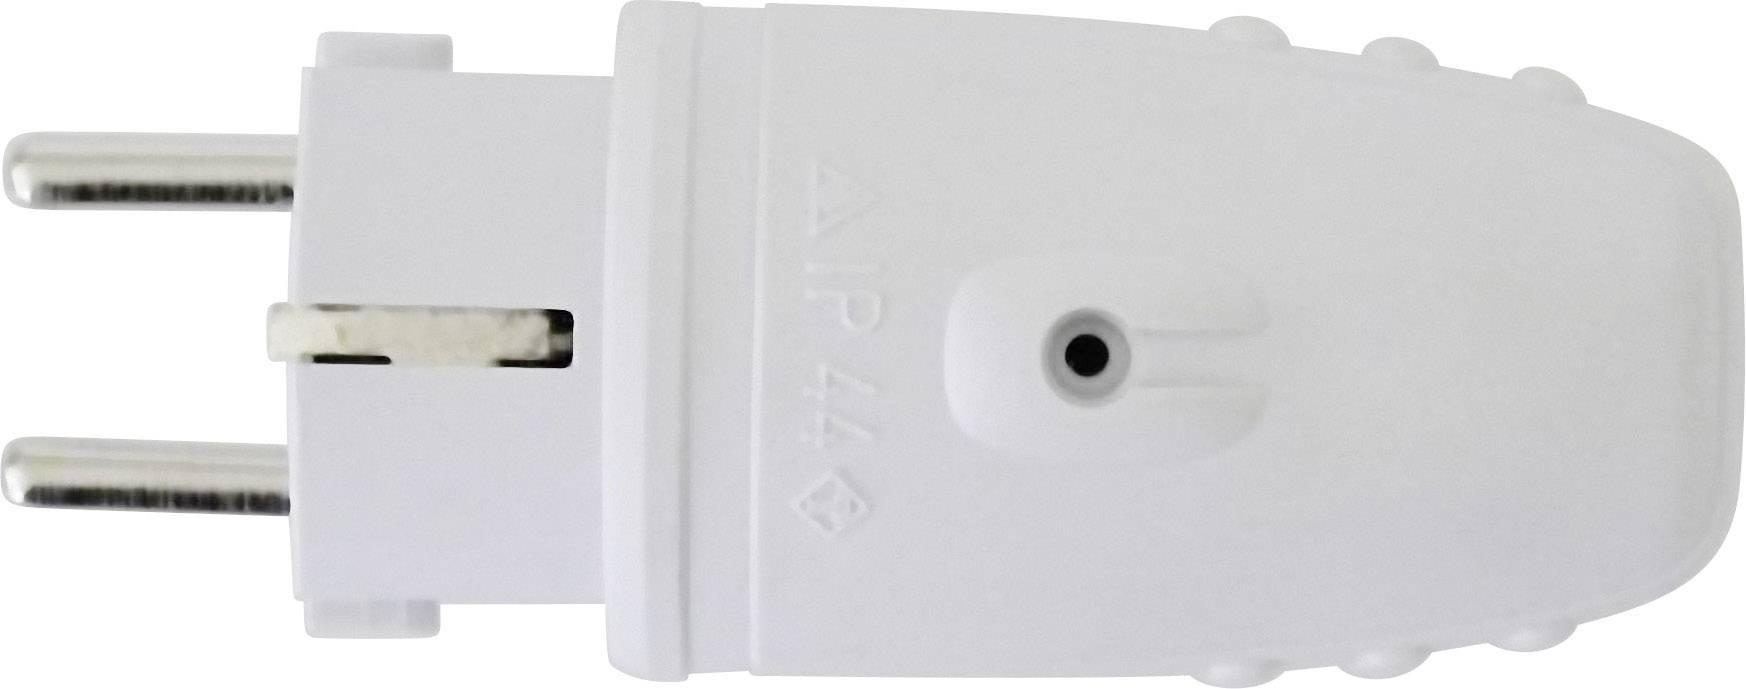 Zástrčka SchuKo 624400, guma, IP20, 230 V, svetlosivá